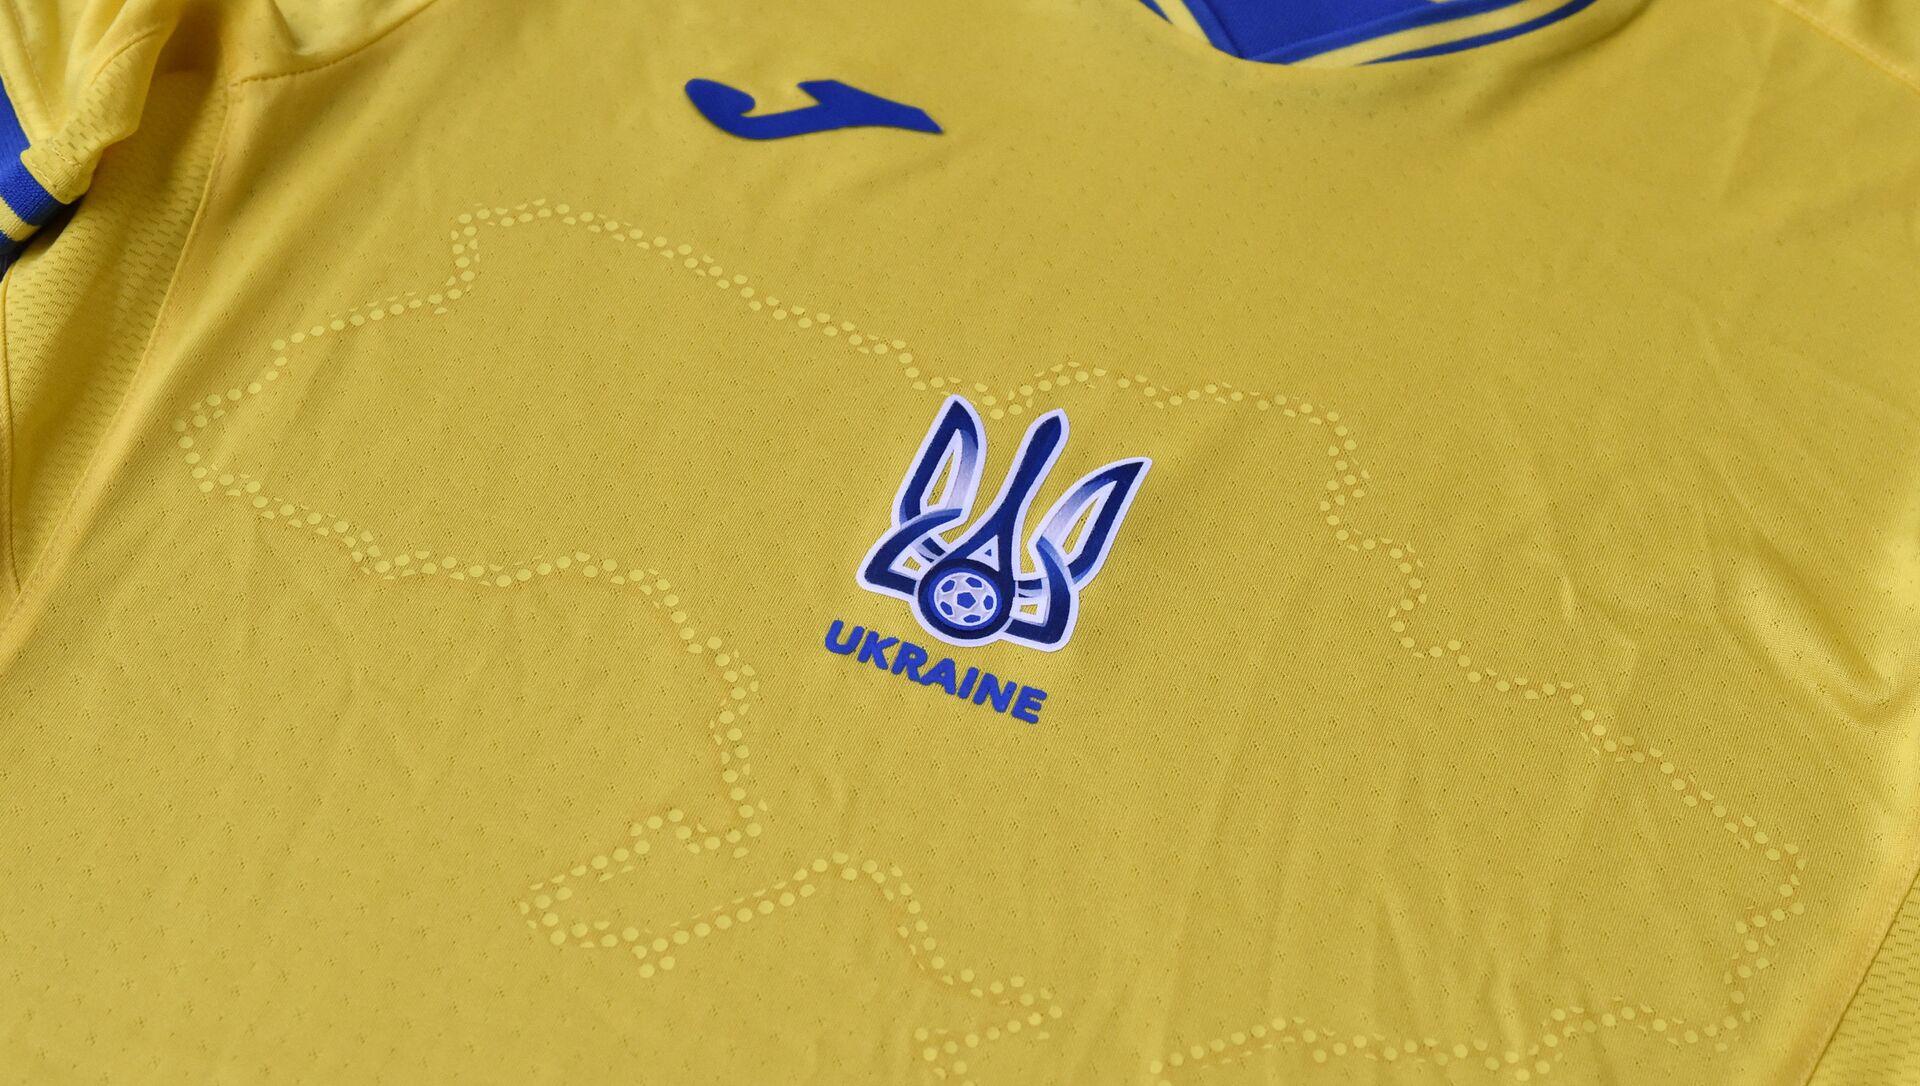 Đồng phục thi đấu của đội tuyển Ukraina tại Giải vô địch bóng đá châu Âu EURO 2020. - Sputnik Việt Nam, 1920, 07.06.2021